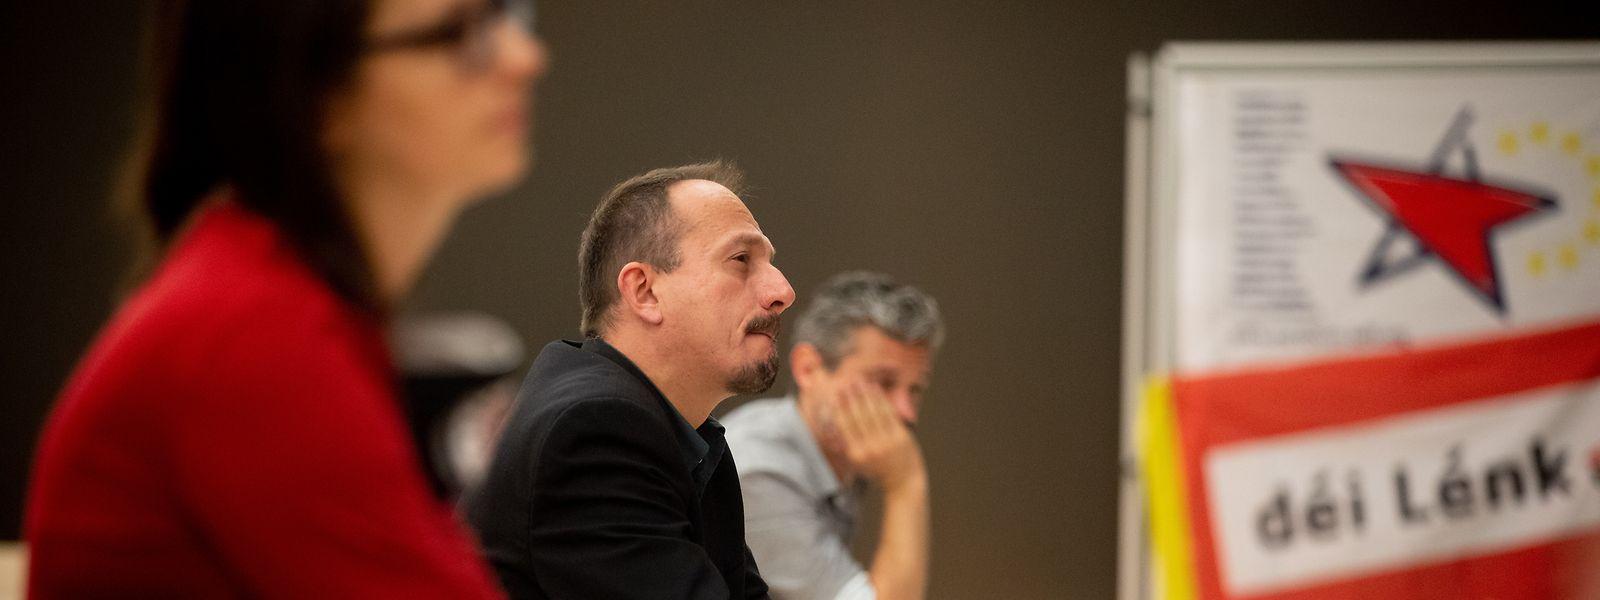 Archivbild des letzten Parteikongresses am 20. September mit dem Abgeordneten Marc Baum in der Mitte.